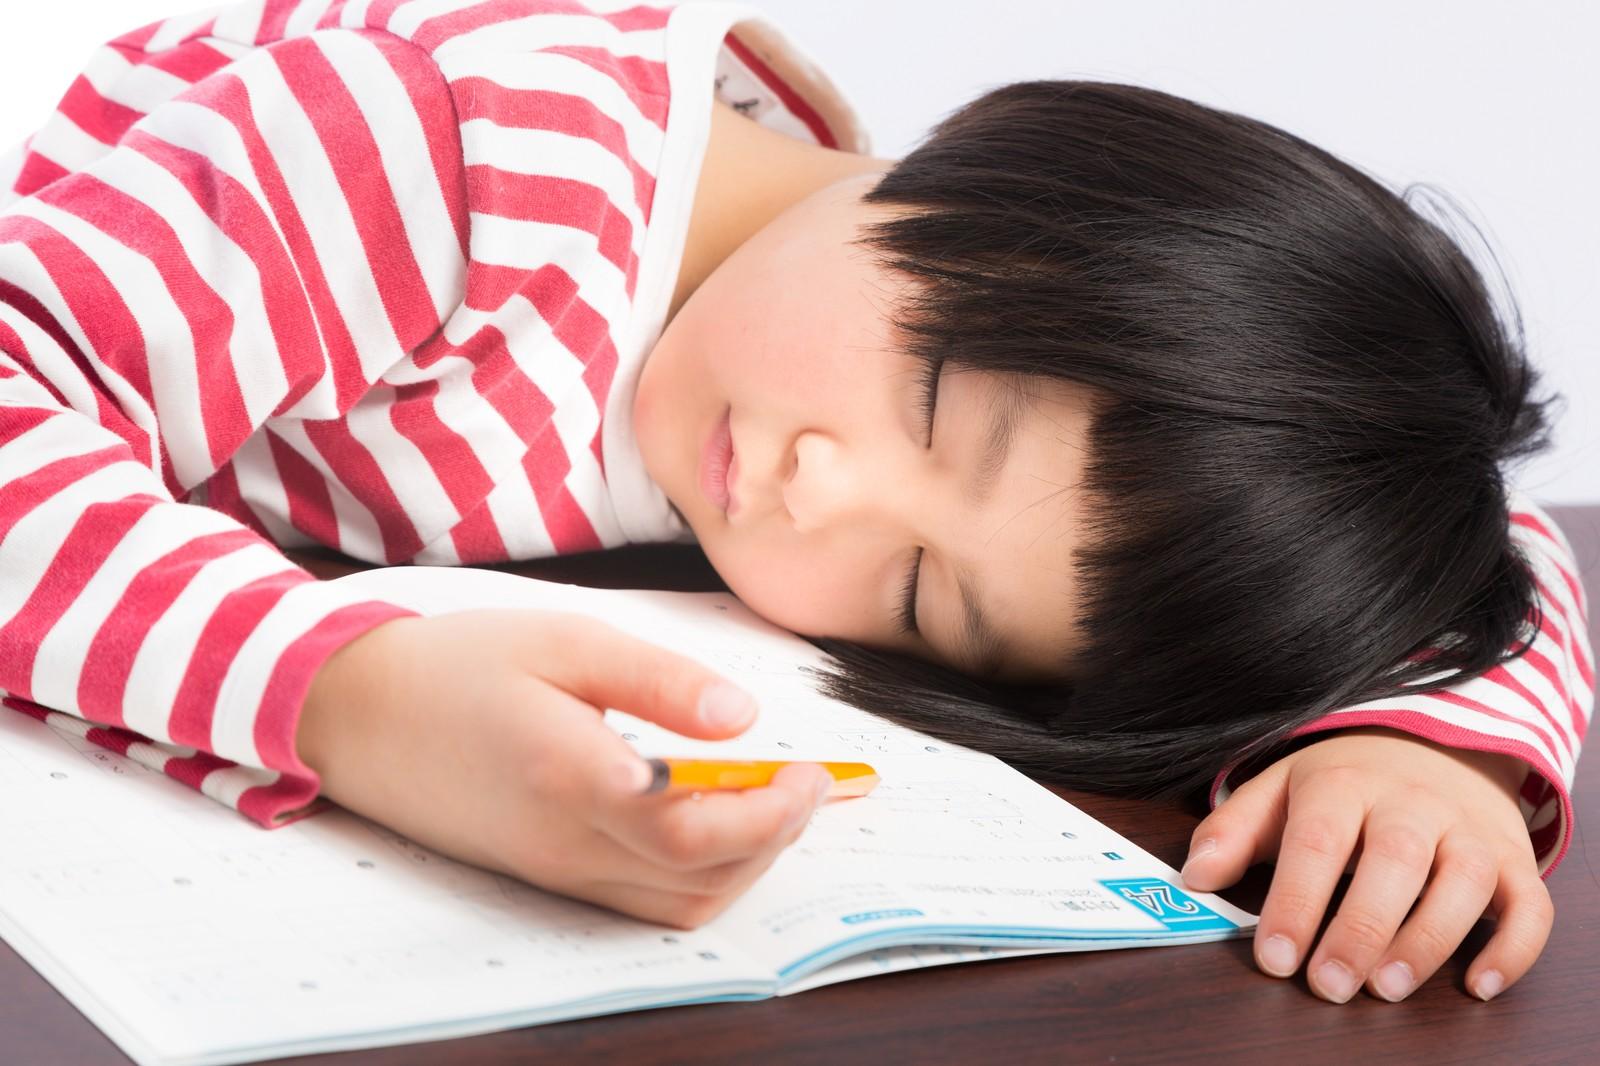 昼食後に眠くなるのは「糖質」が原因